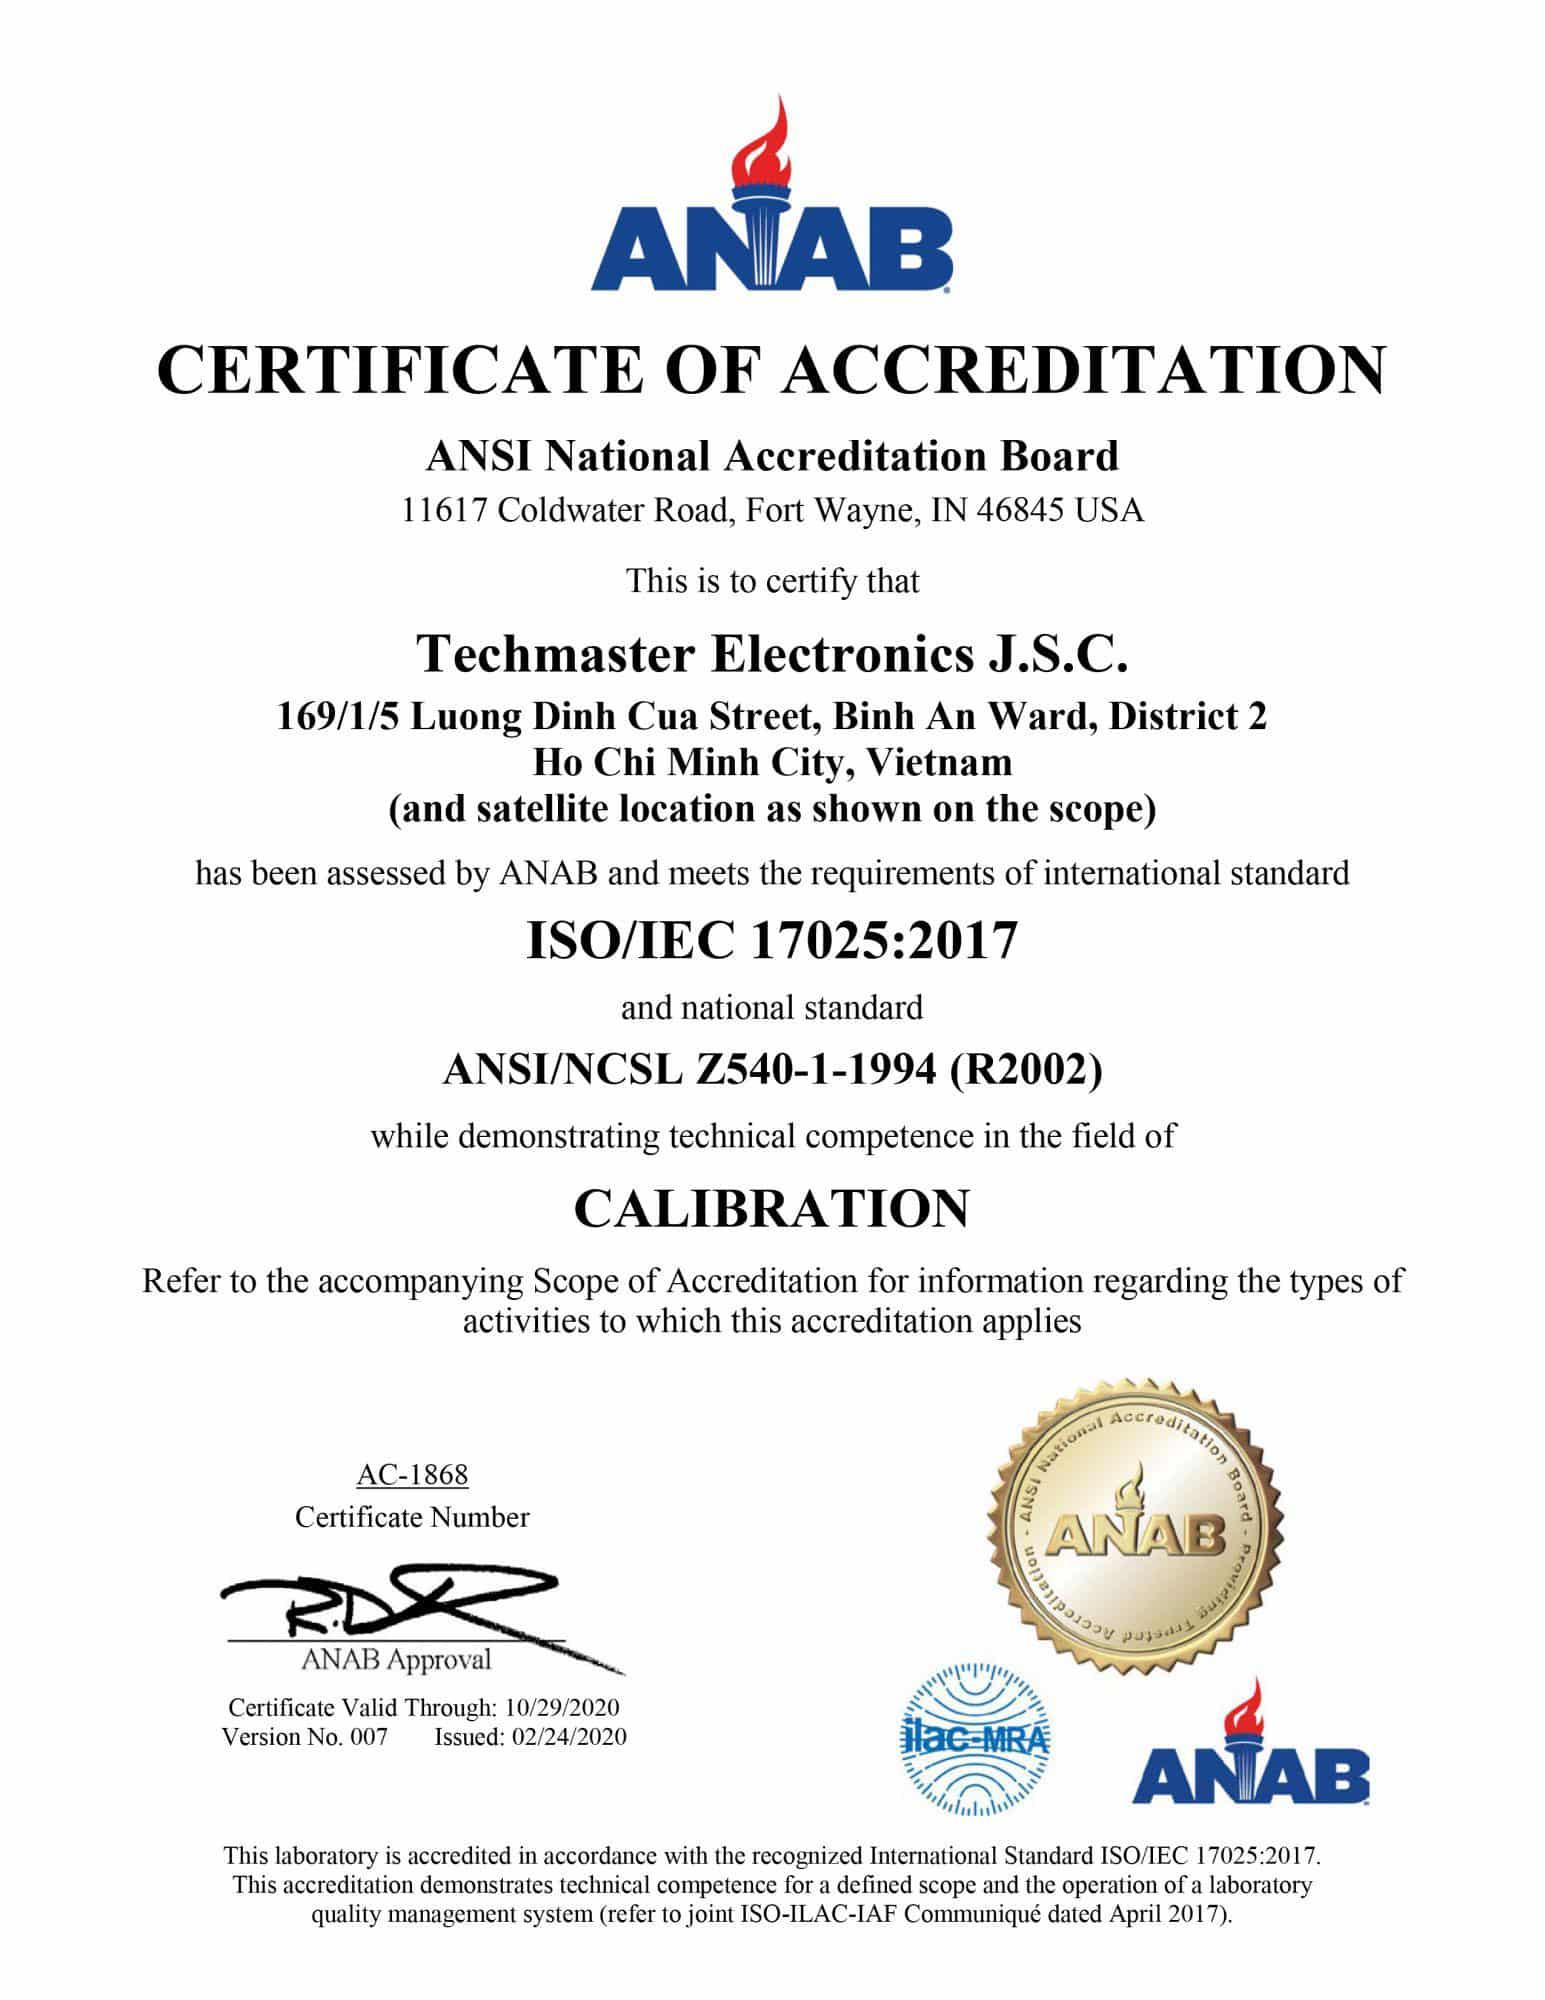 Năng Lực Hiệu Chuẩn ISO/IEC 17025:2017